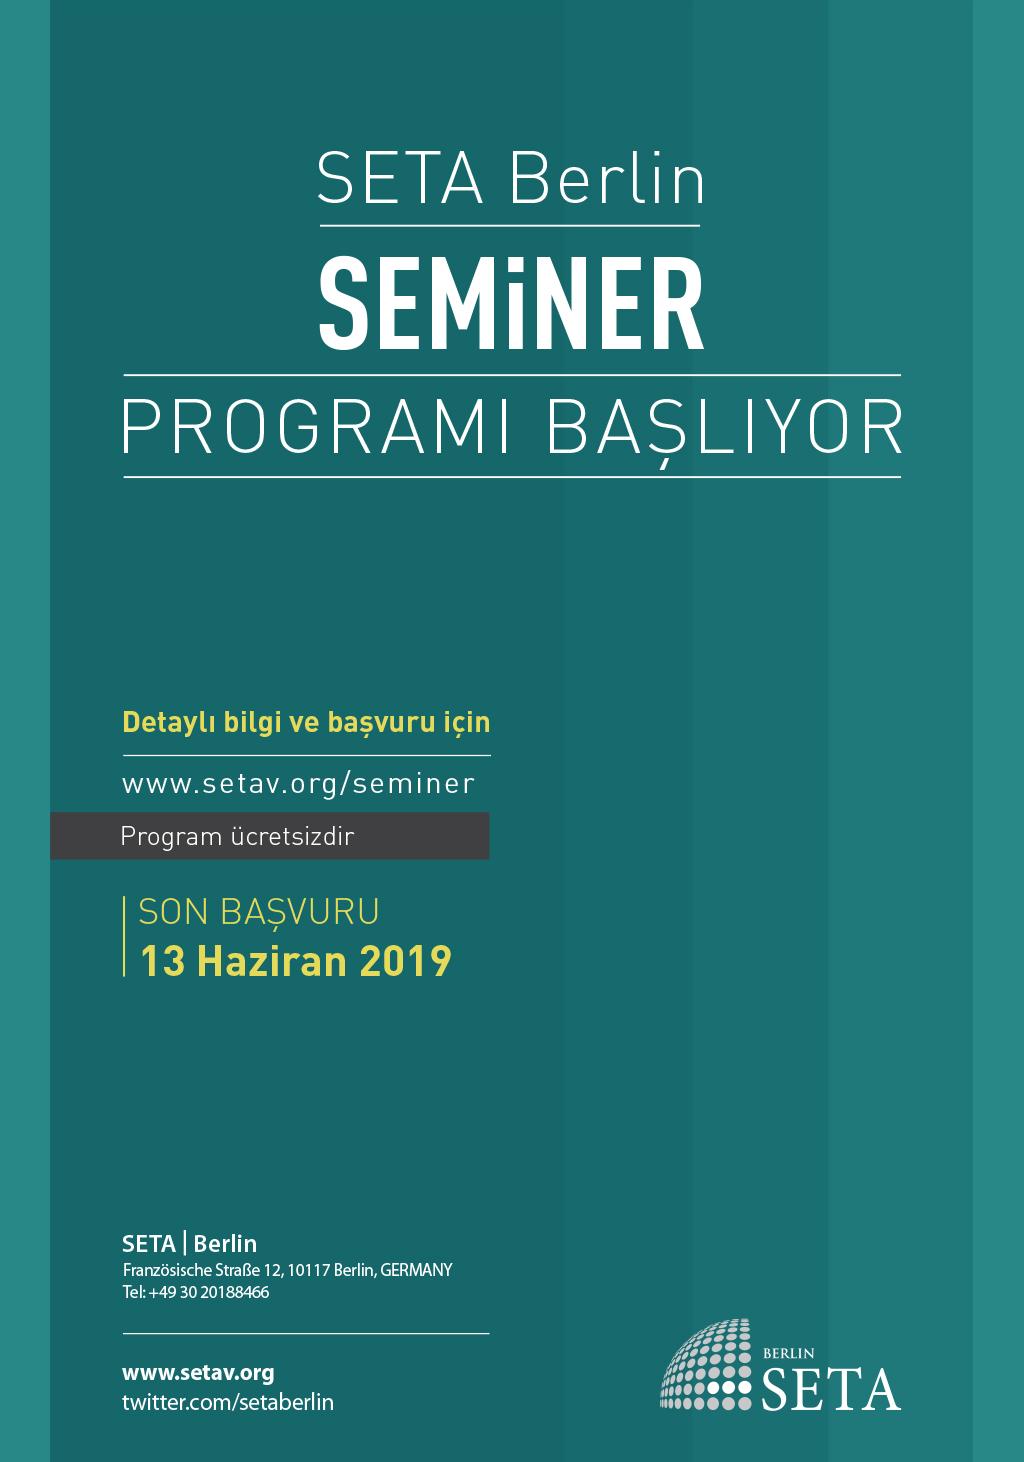 SETA Berlin Yaz 2019 Seminer Programı Başlıyor